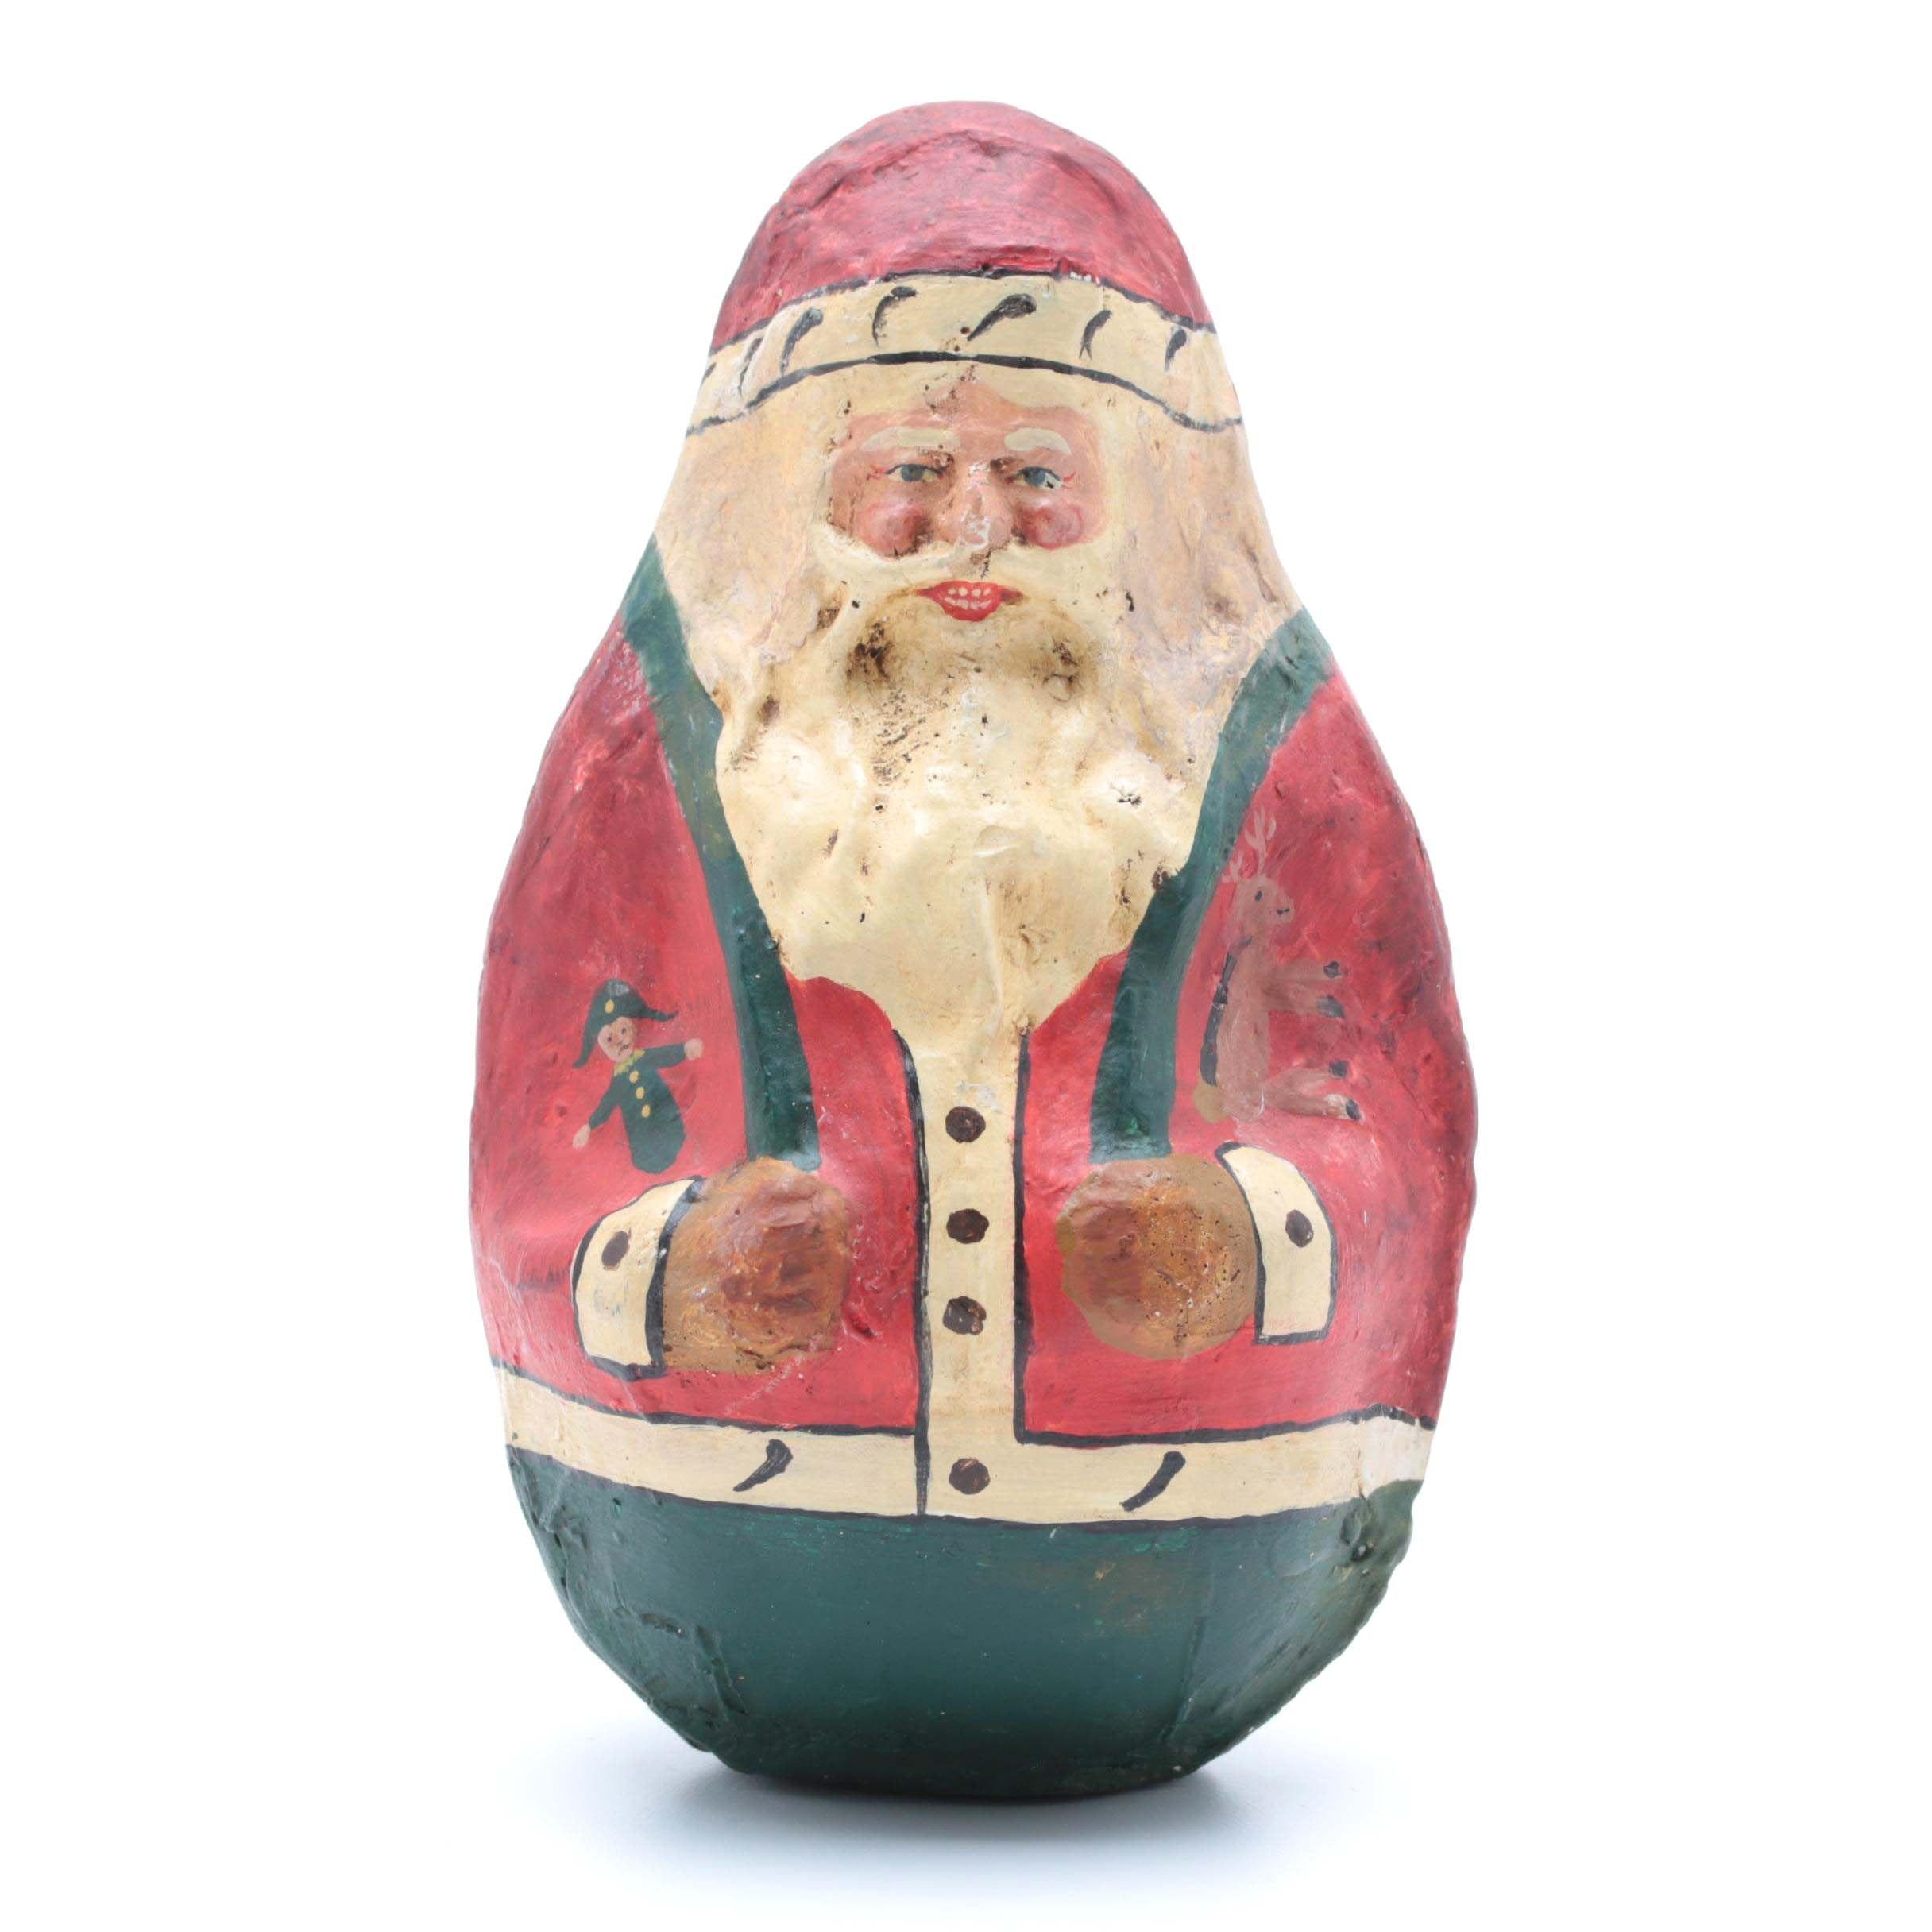 Vintage Roly Poly Papier-Mâché Santa in the Style of Shoenhut